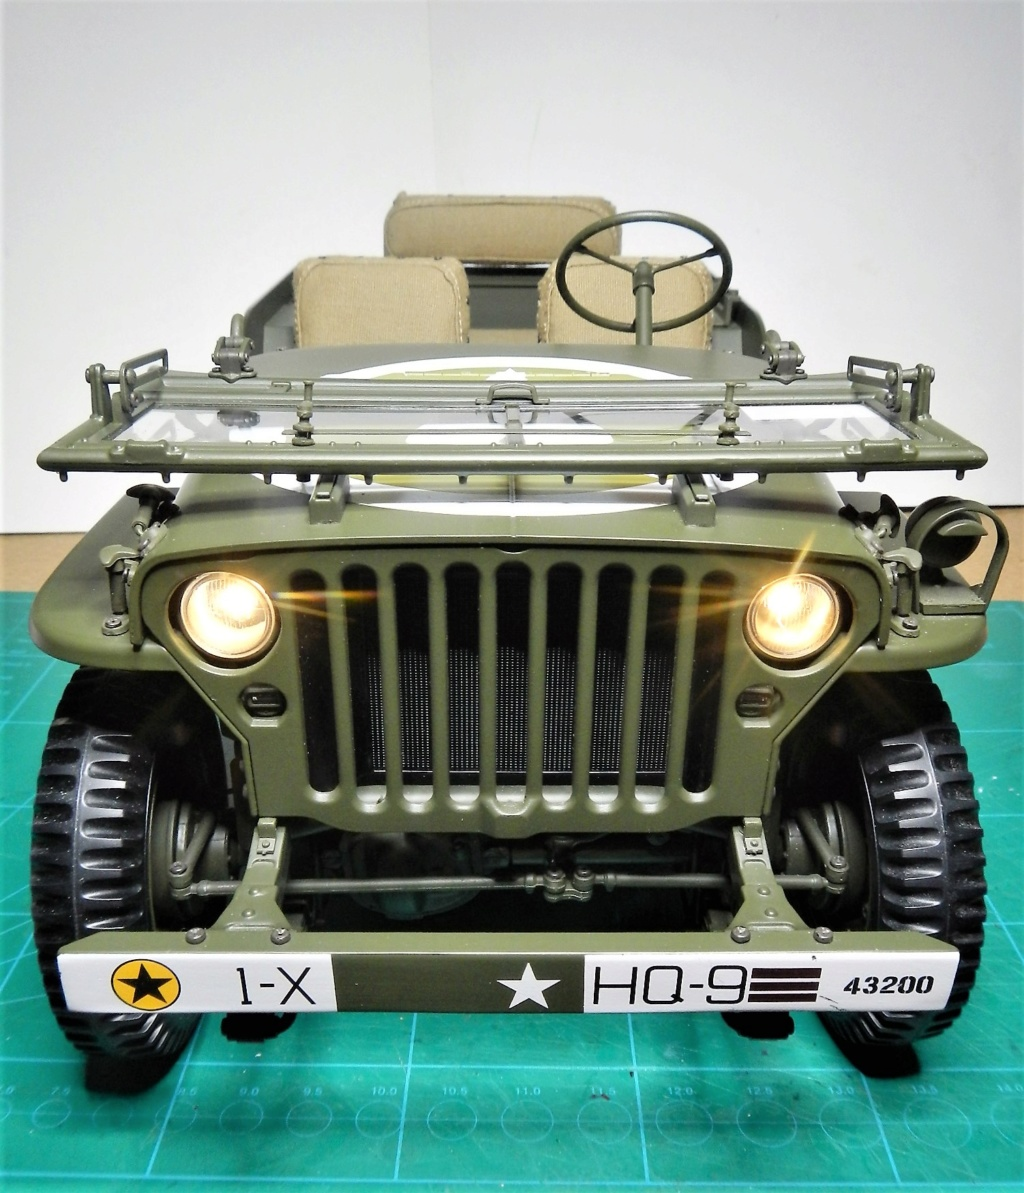 Jeep Willys - 1/8ème - Ed. Hachette - Construction par Glénans (Partie 1) - Page 40 Dscn9232